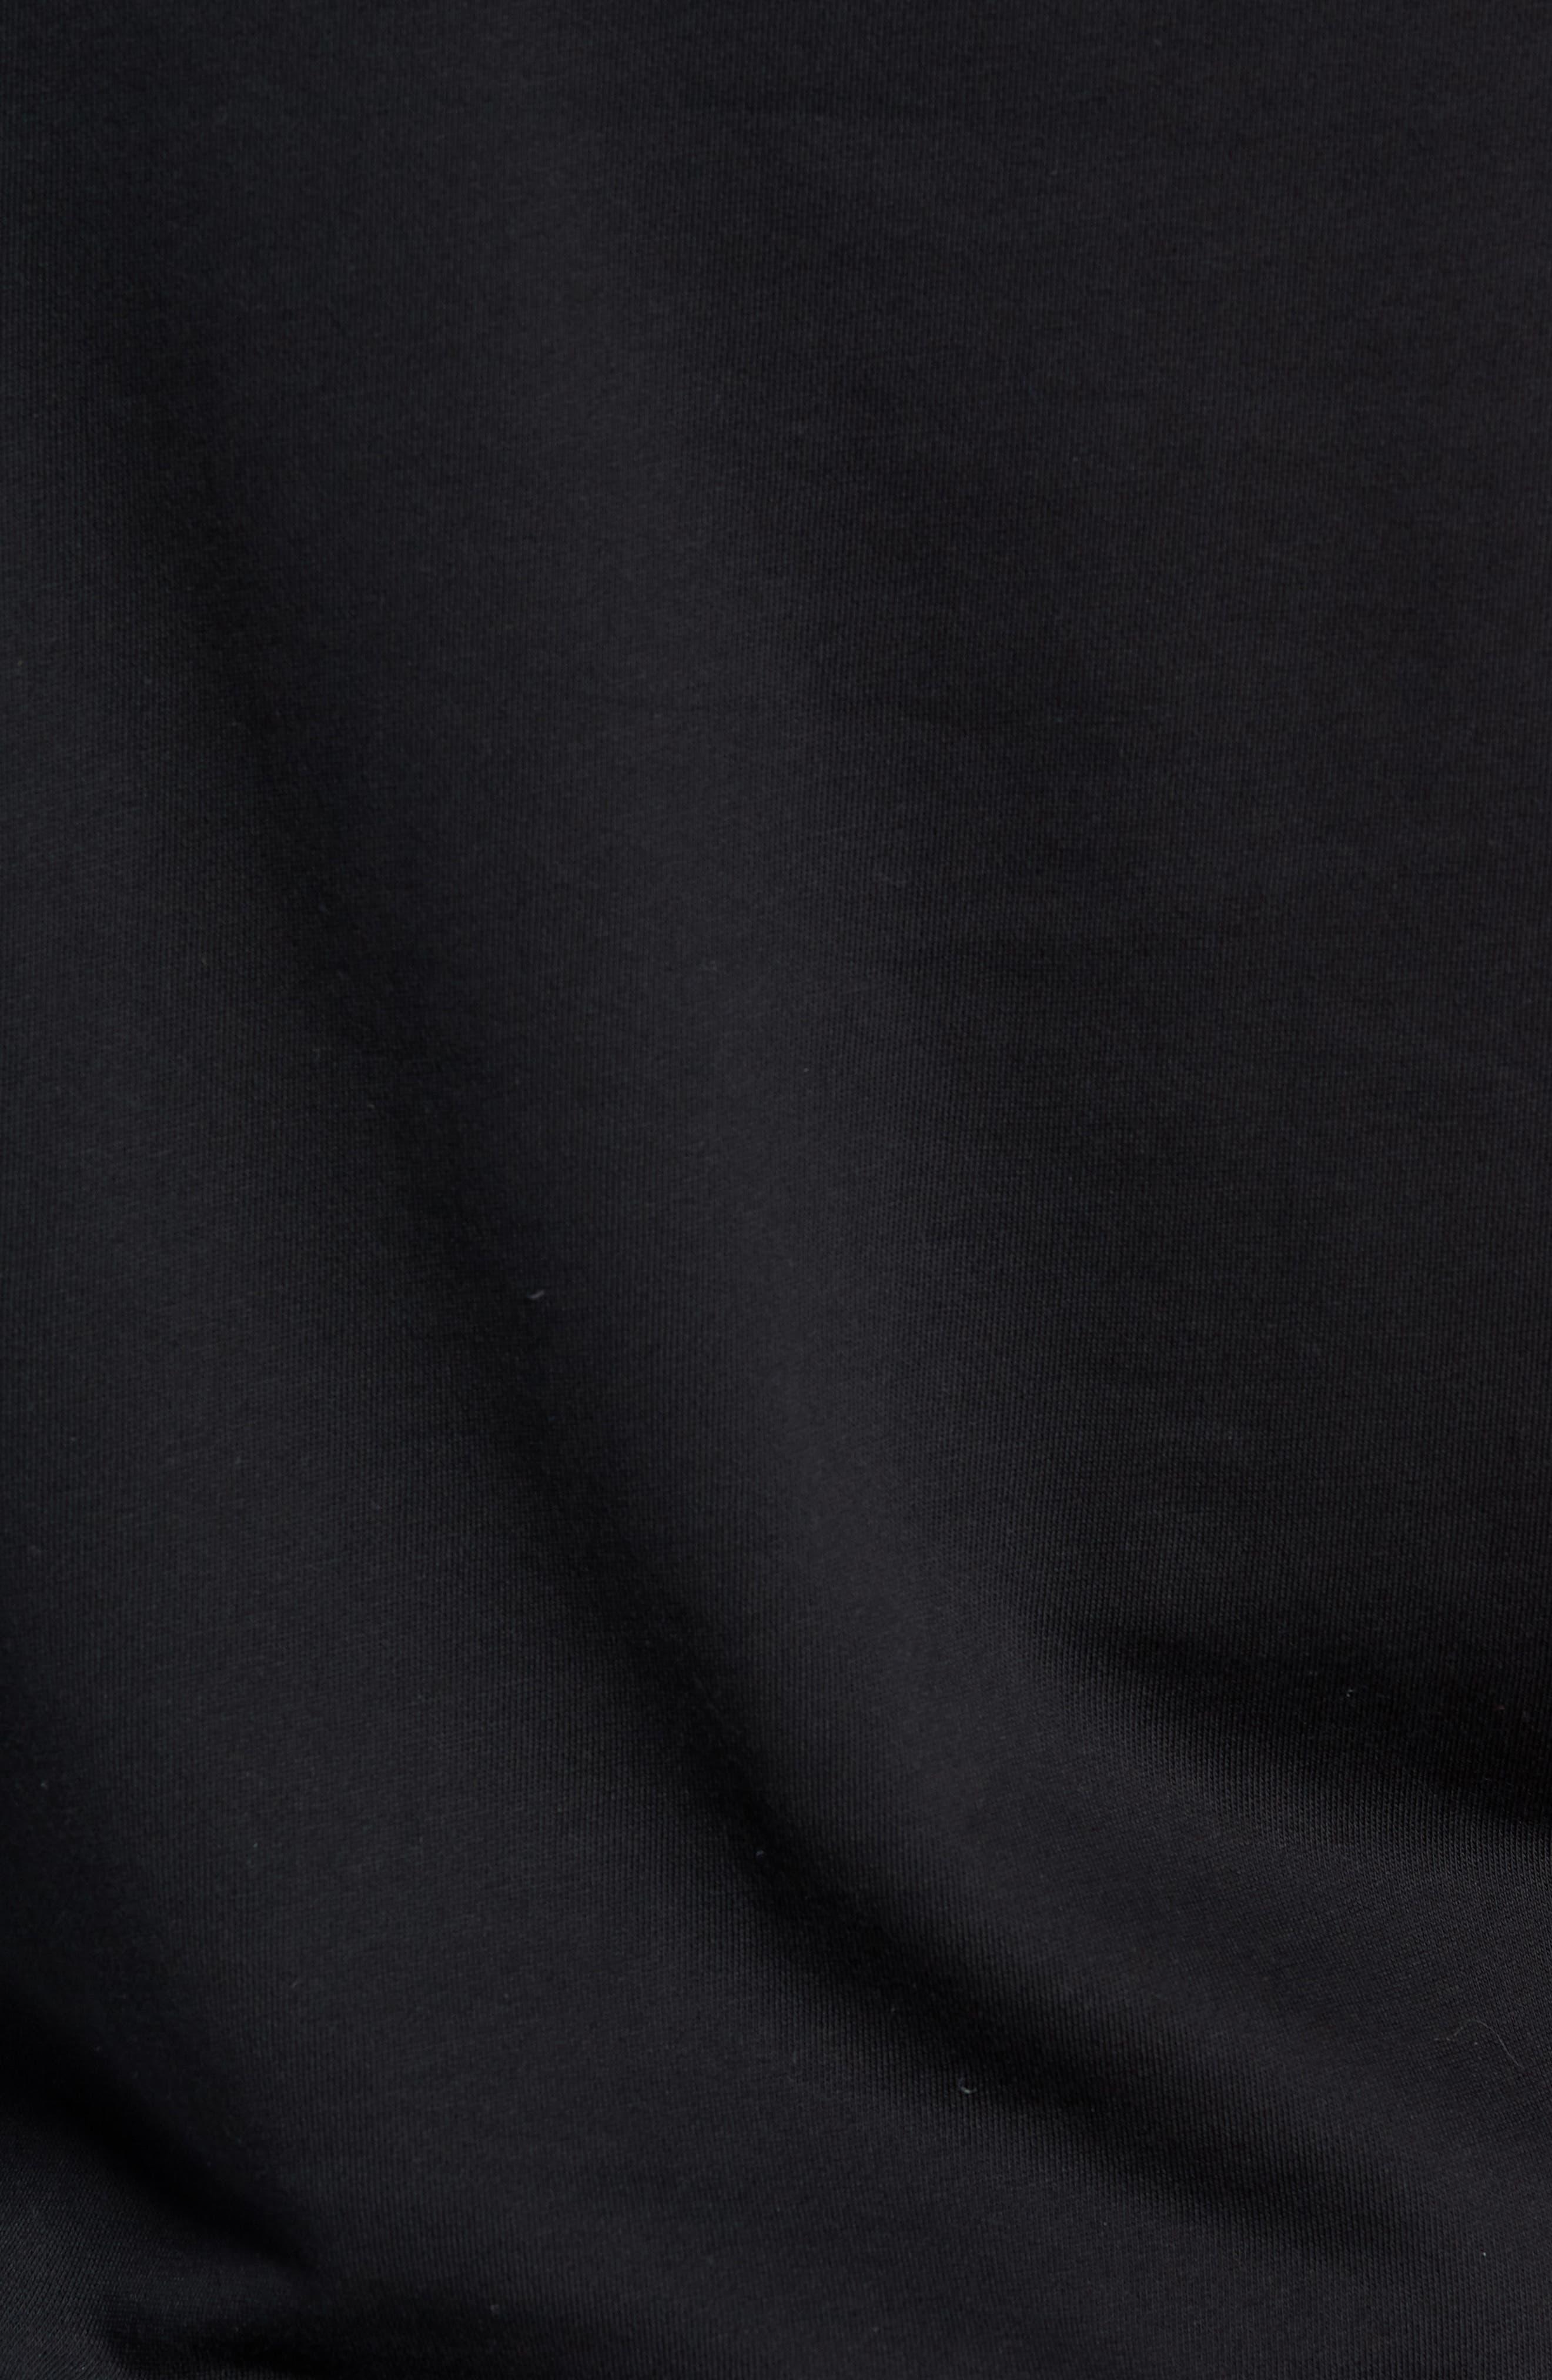 Versa Hoodie Sweatshirt,                             Alternate thumbnail 5, color,                             BLACK